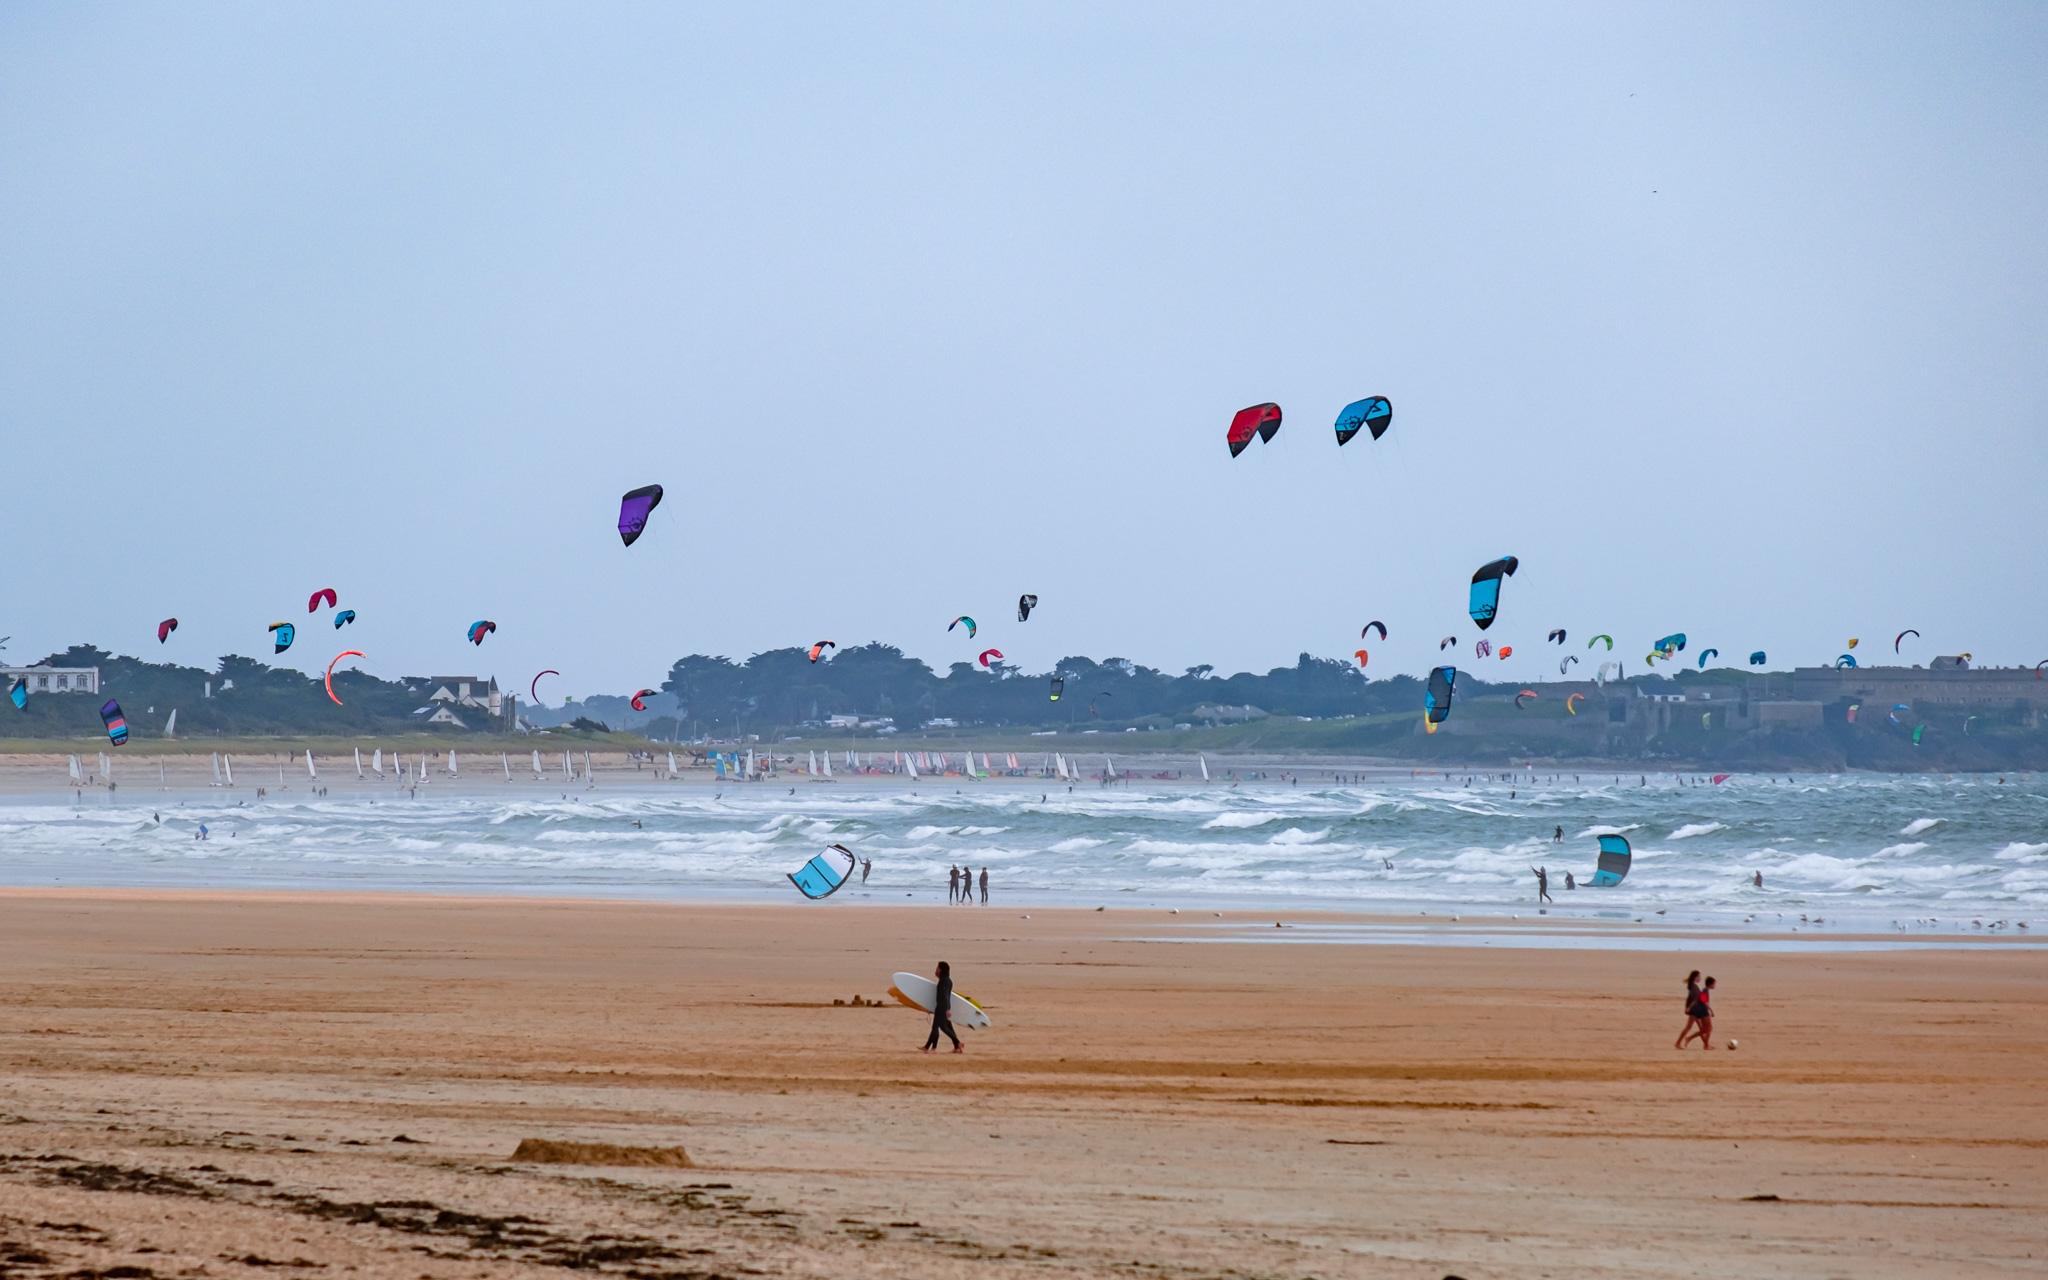 Roadtrip en van : 15 jours en Bretagne (roadbook & photos)